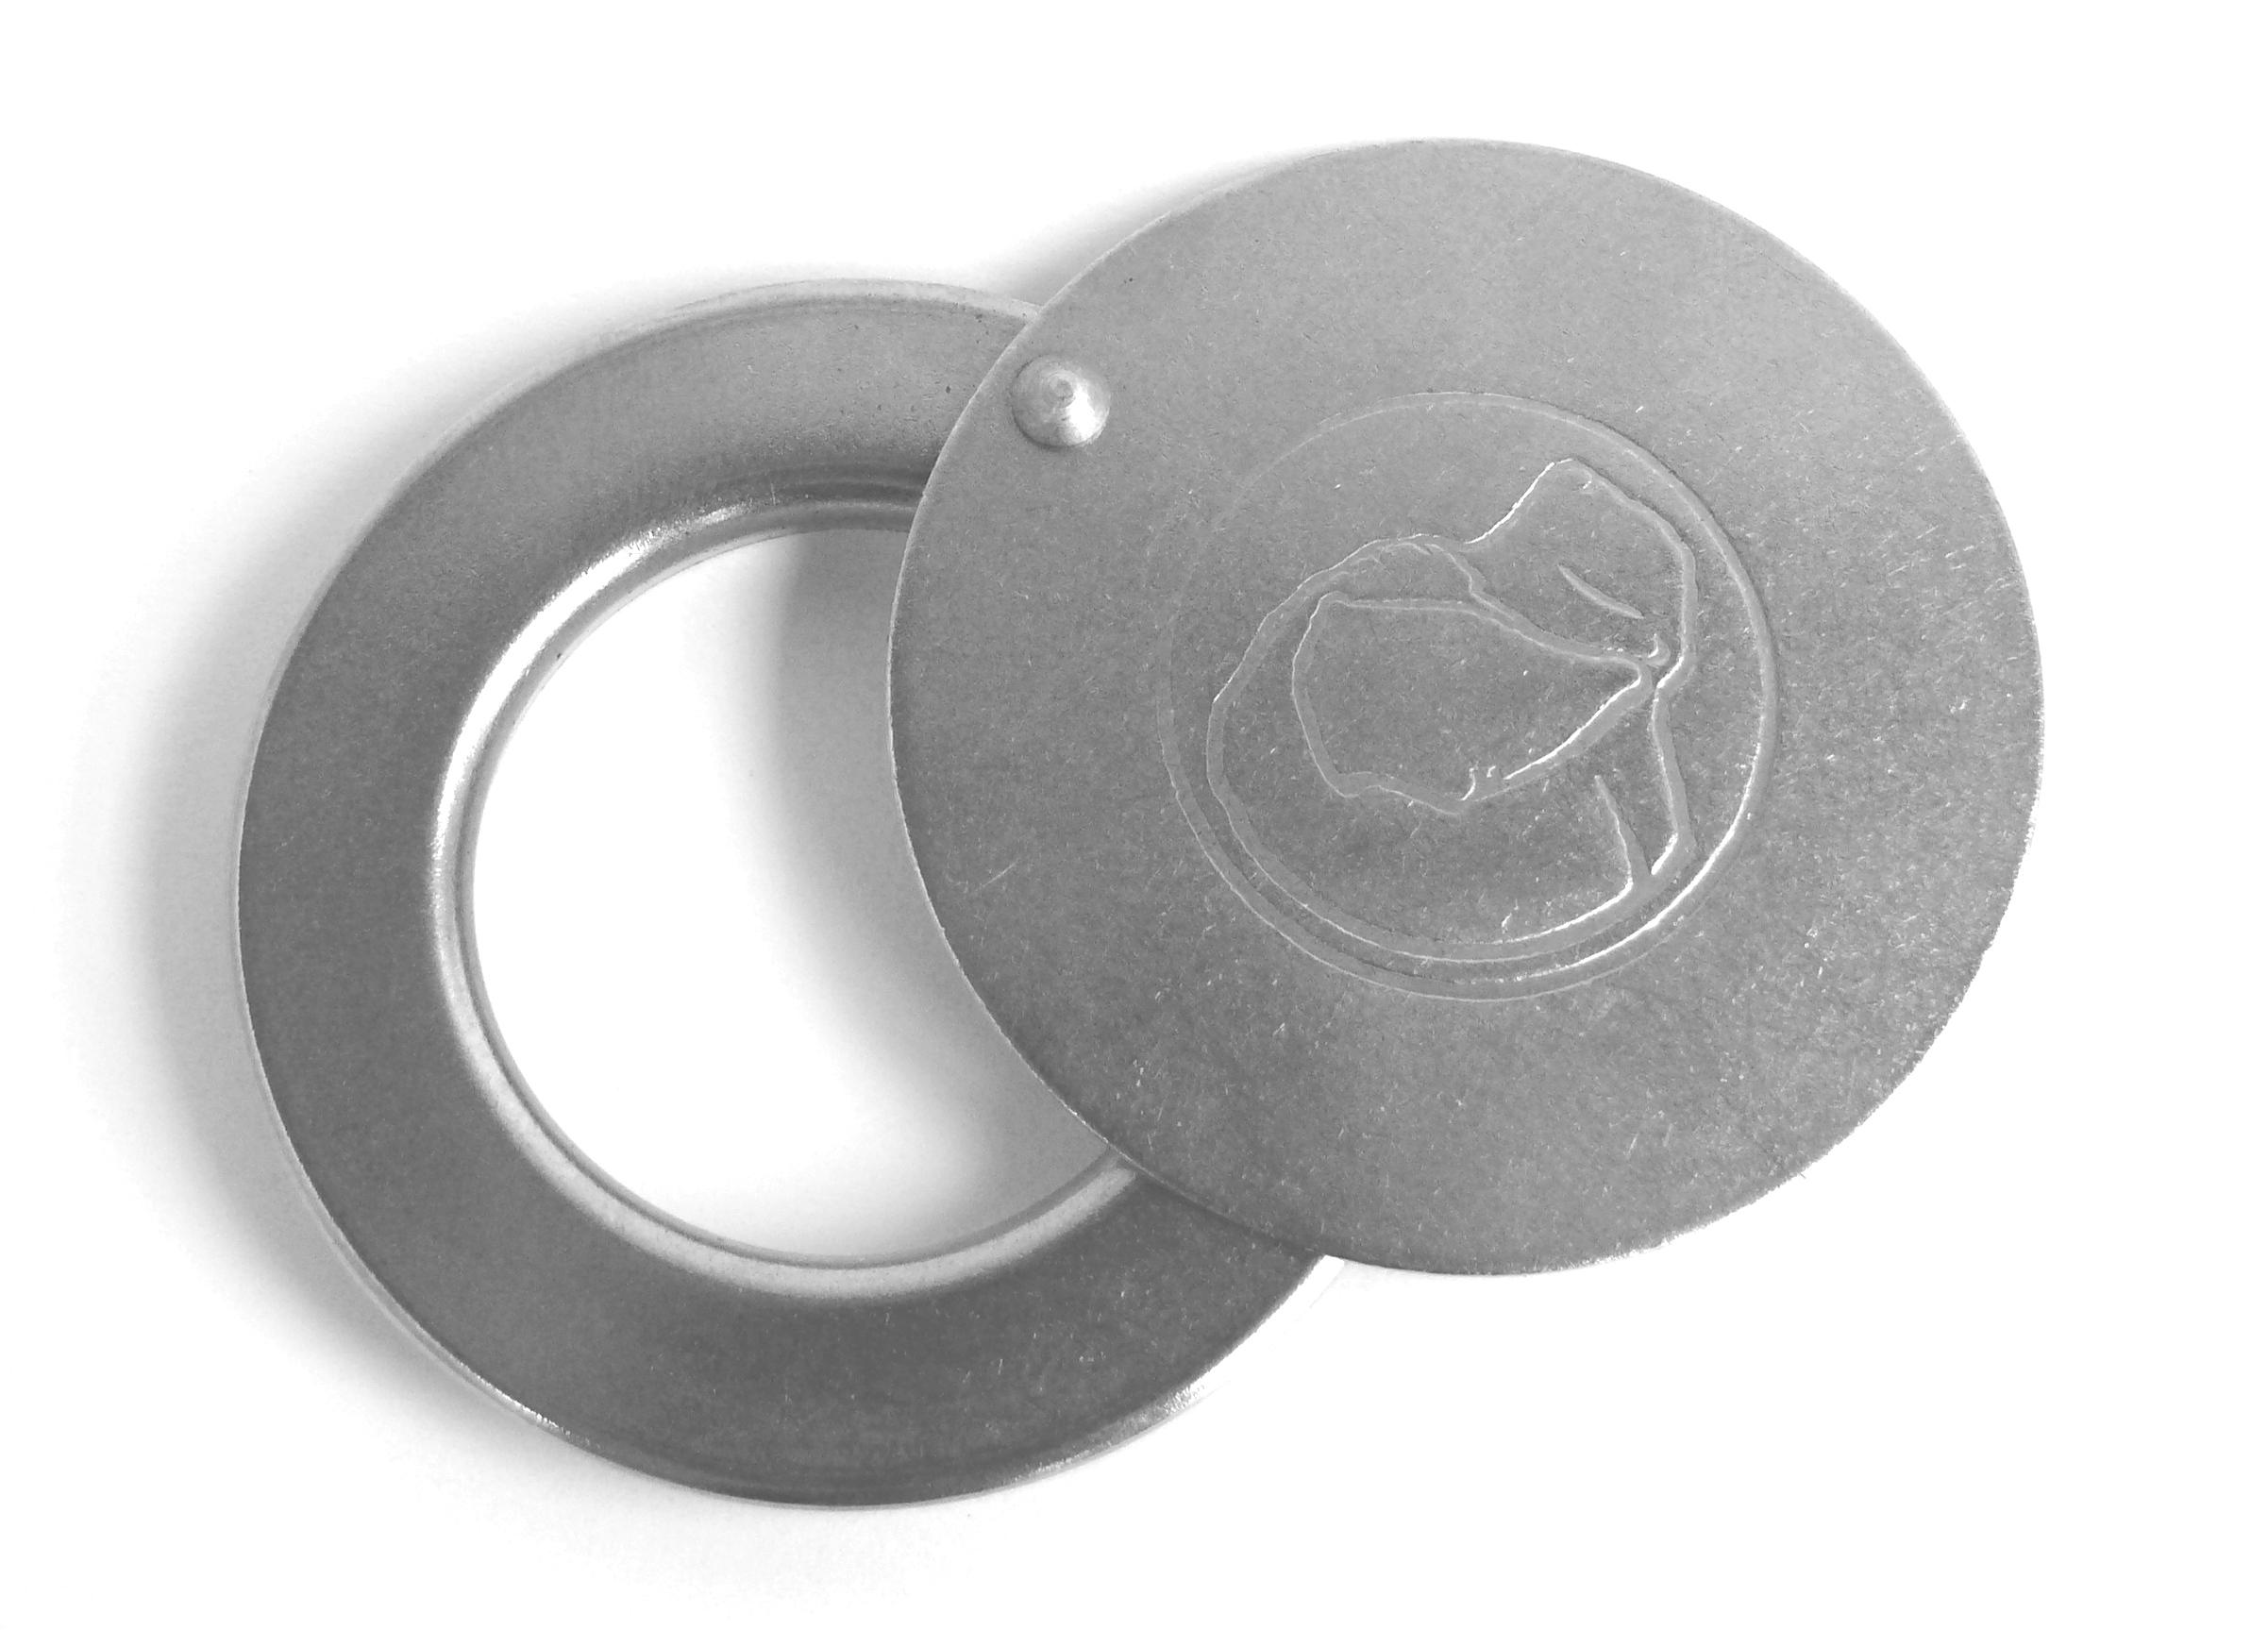 Produktbild Putzblende mit Staubschutzscheibe